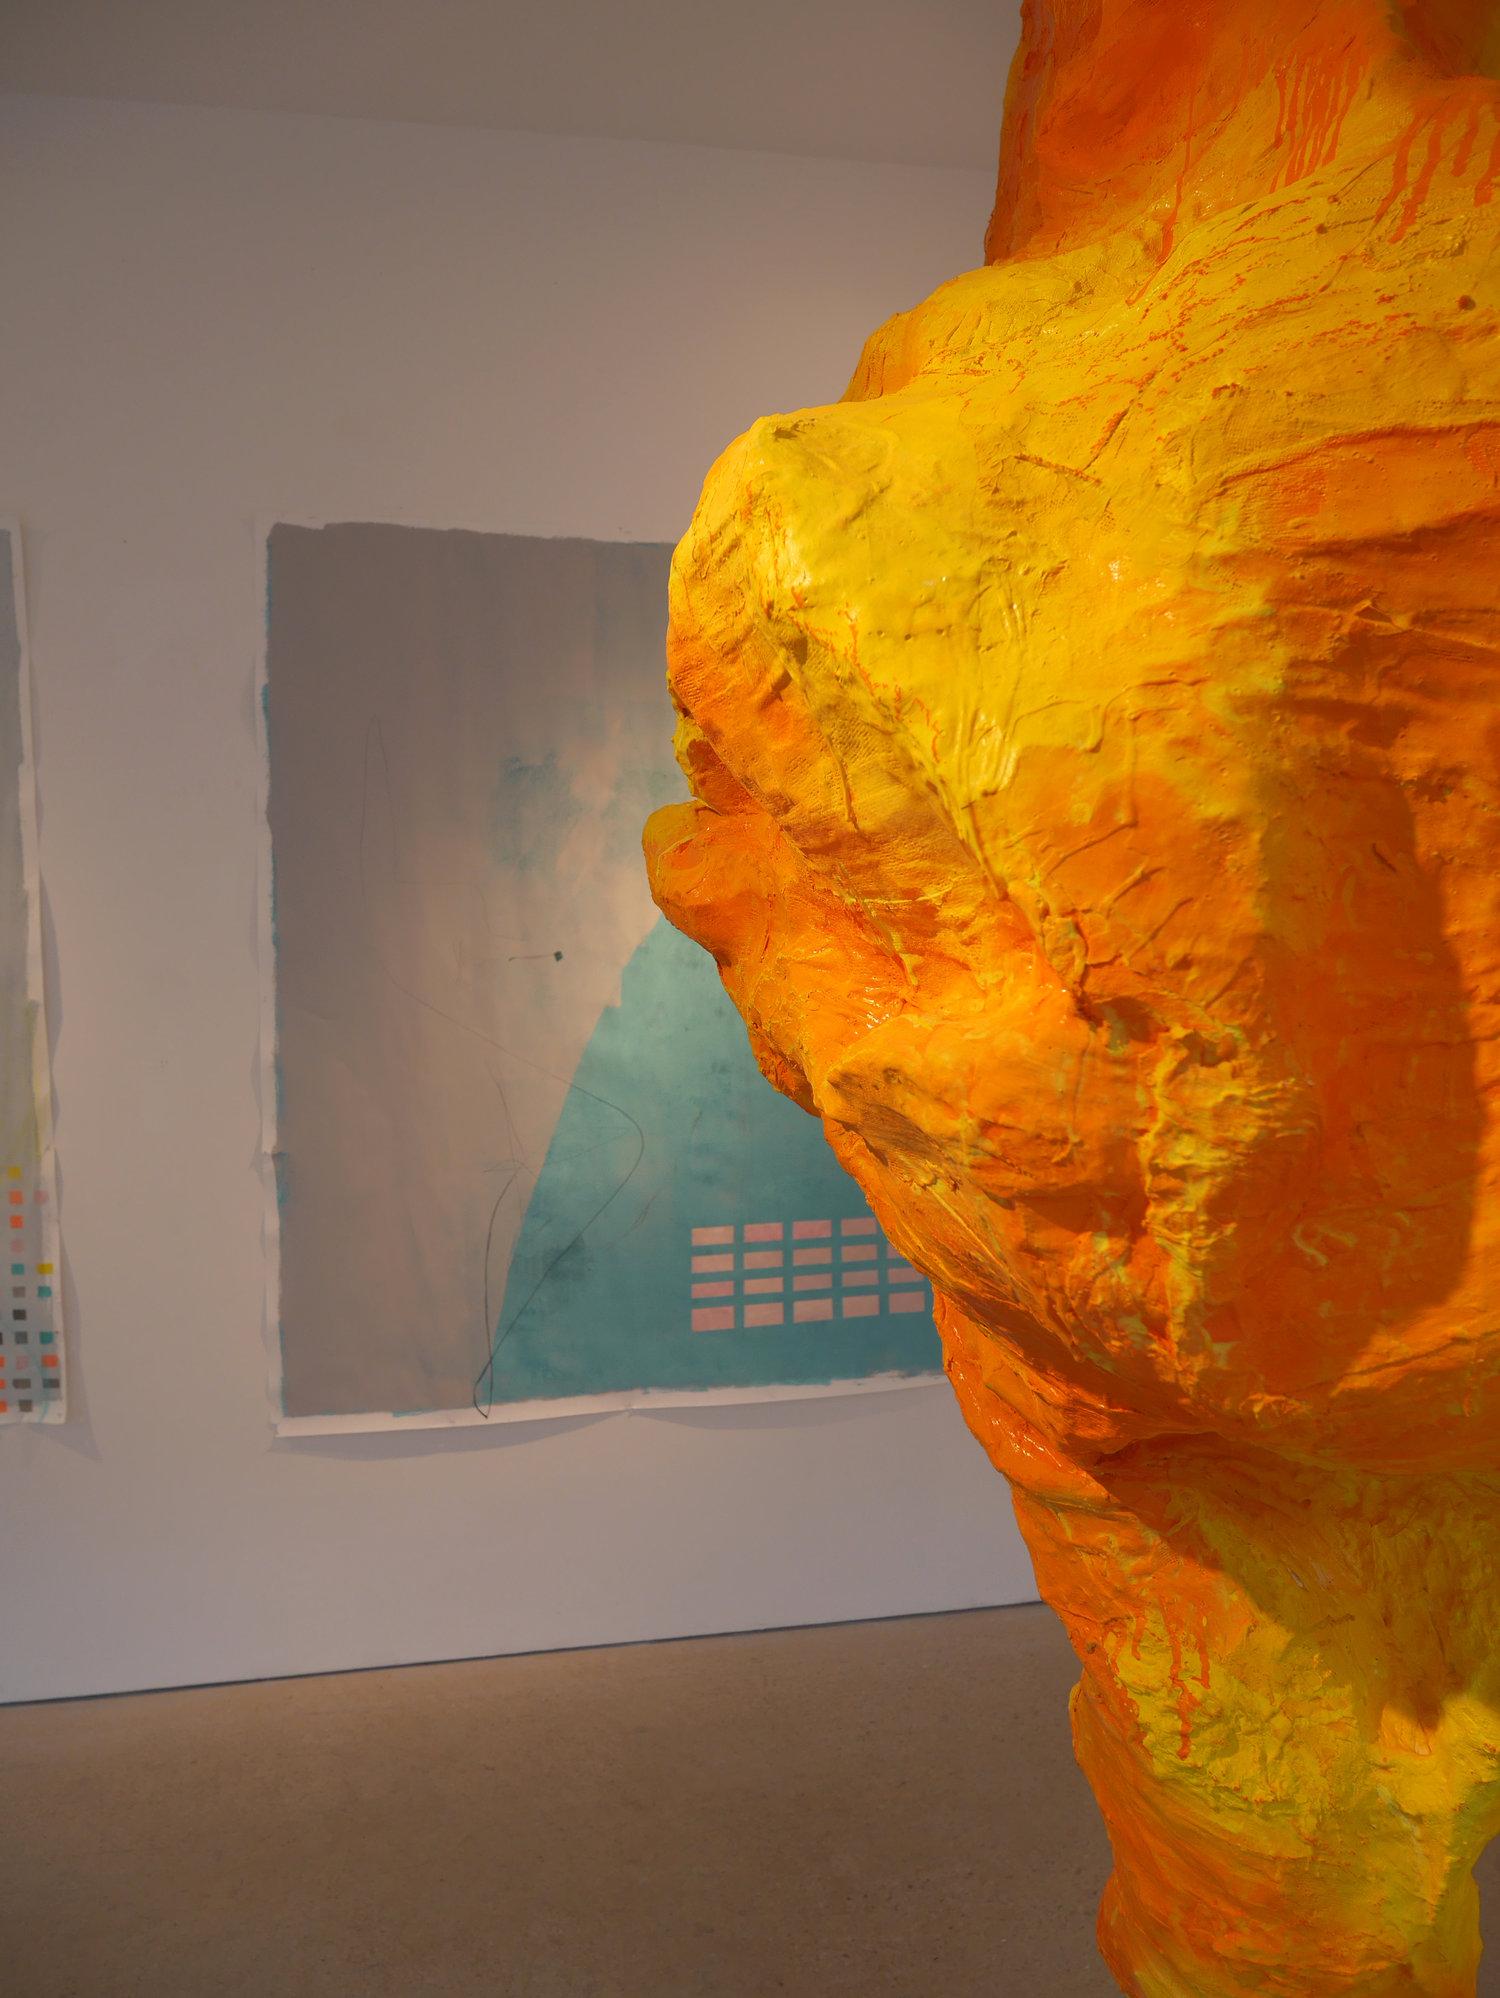 sean-heather-artist-studio-sculpture-artwork-exhibtion-sculptures.jpg